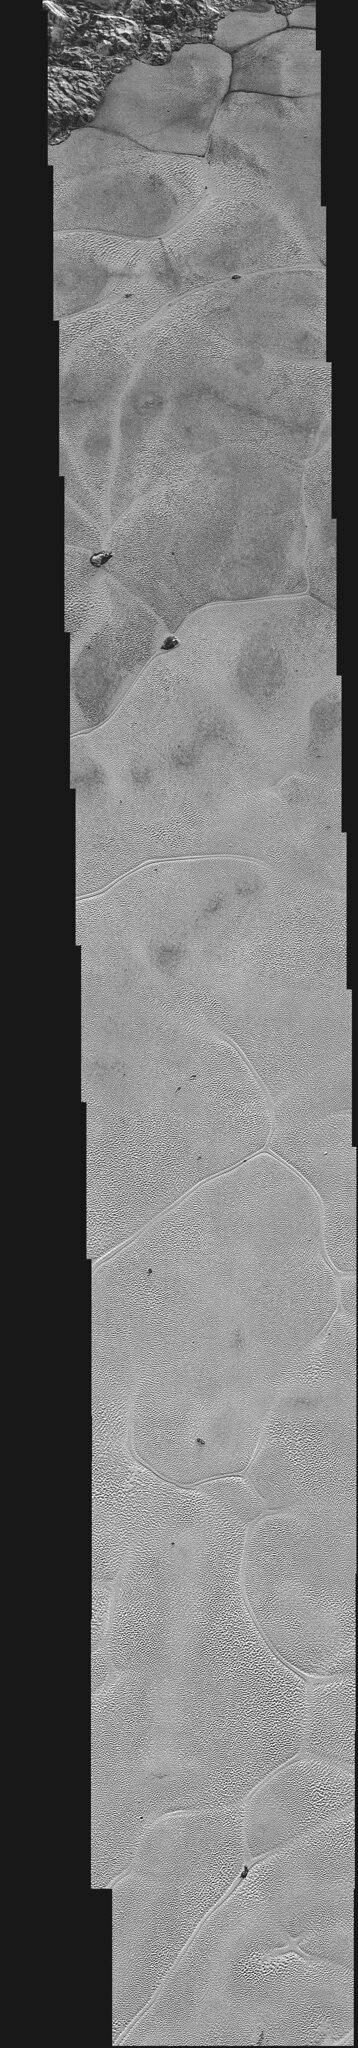 VCSE - Mai kép - Szputnyik Planum mozaik részlet - New Horizons, NASA